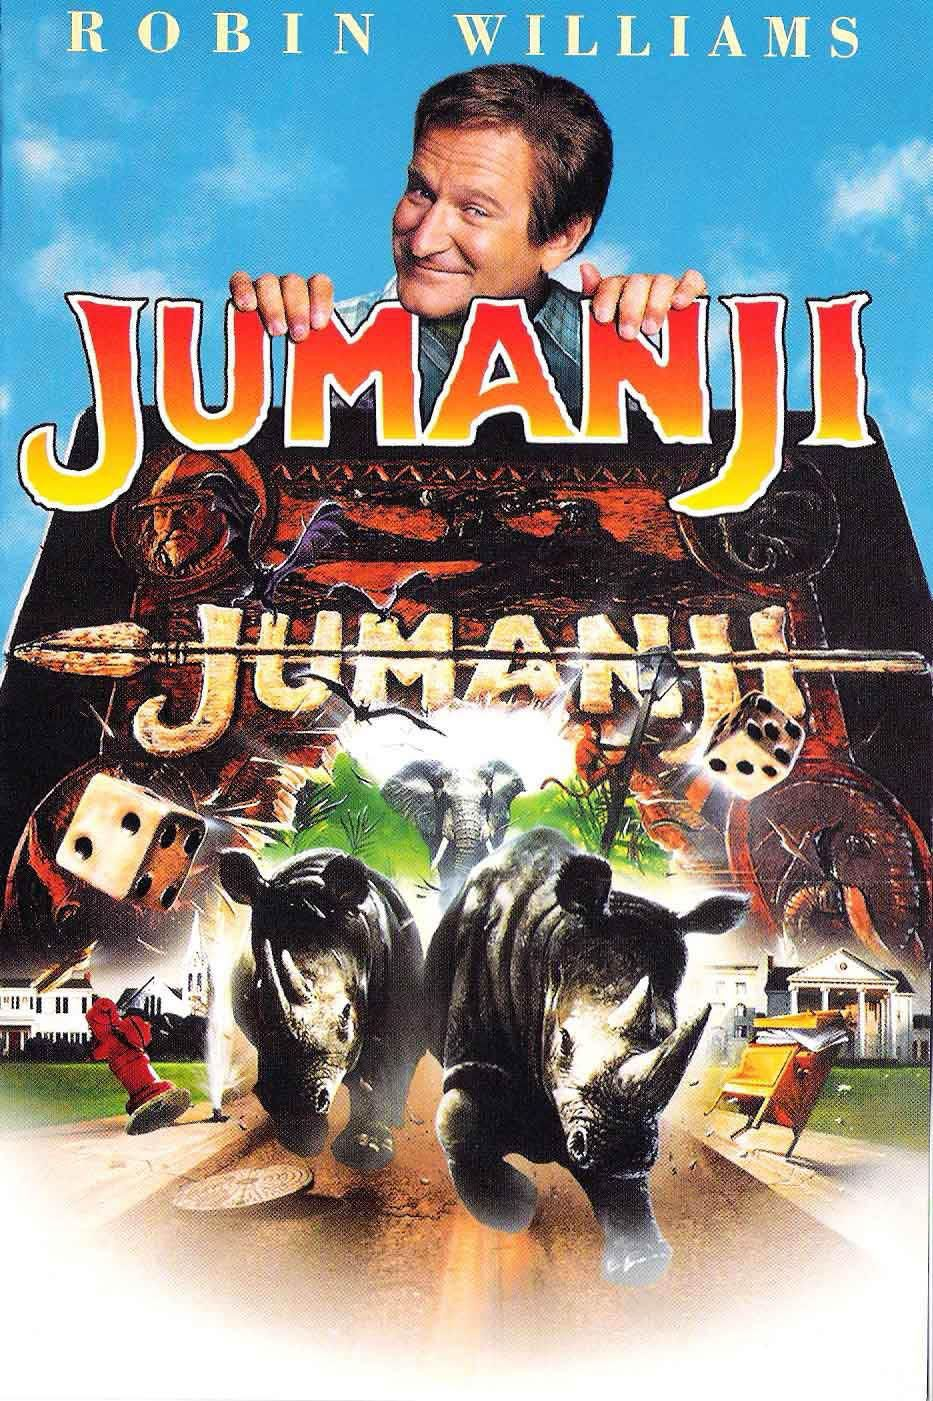 Tras recaudar 262 MDD, una secuela y un remake, Jumanji cumple 25 años de su estreno